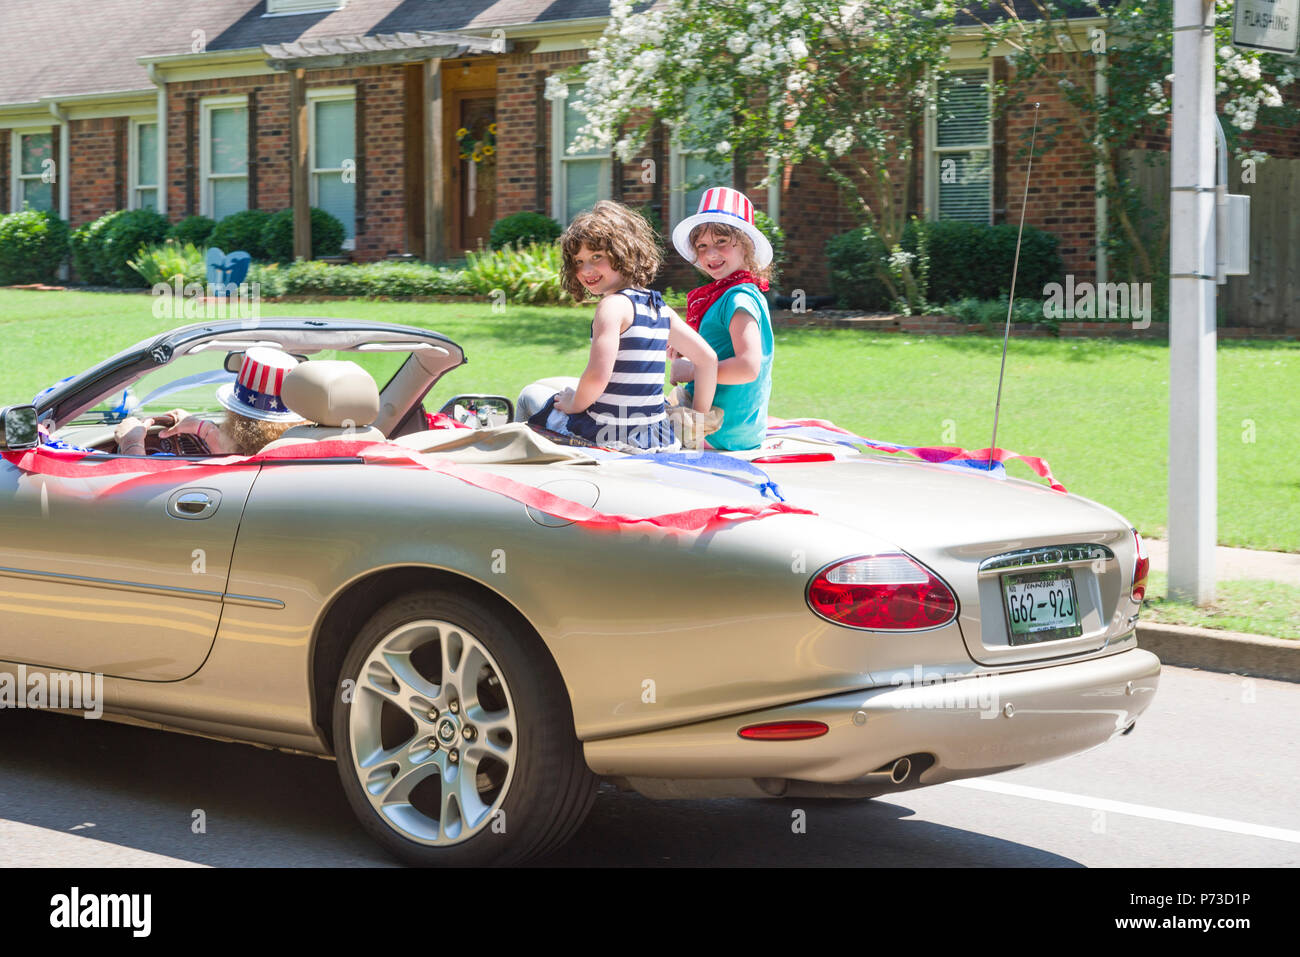 Germmantown, EE.UU.. Julio 4,2018. Germmantown, TN, EE.UU.. Desfile de barrio. 2018. Disfrutando el 4 de julio. El día de la independencia de Estados Unidos. Familias y amigos disfrutan la celebración con los colores, descapotables y brisas frescas. Temp en la década de los años noventa (35c) Crédito: Gary Culley/Alamy Live News Foto de stock